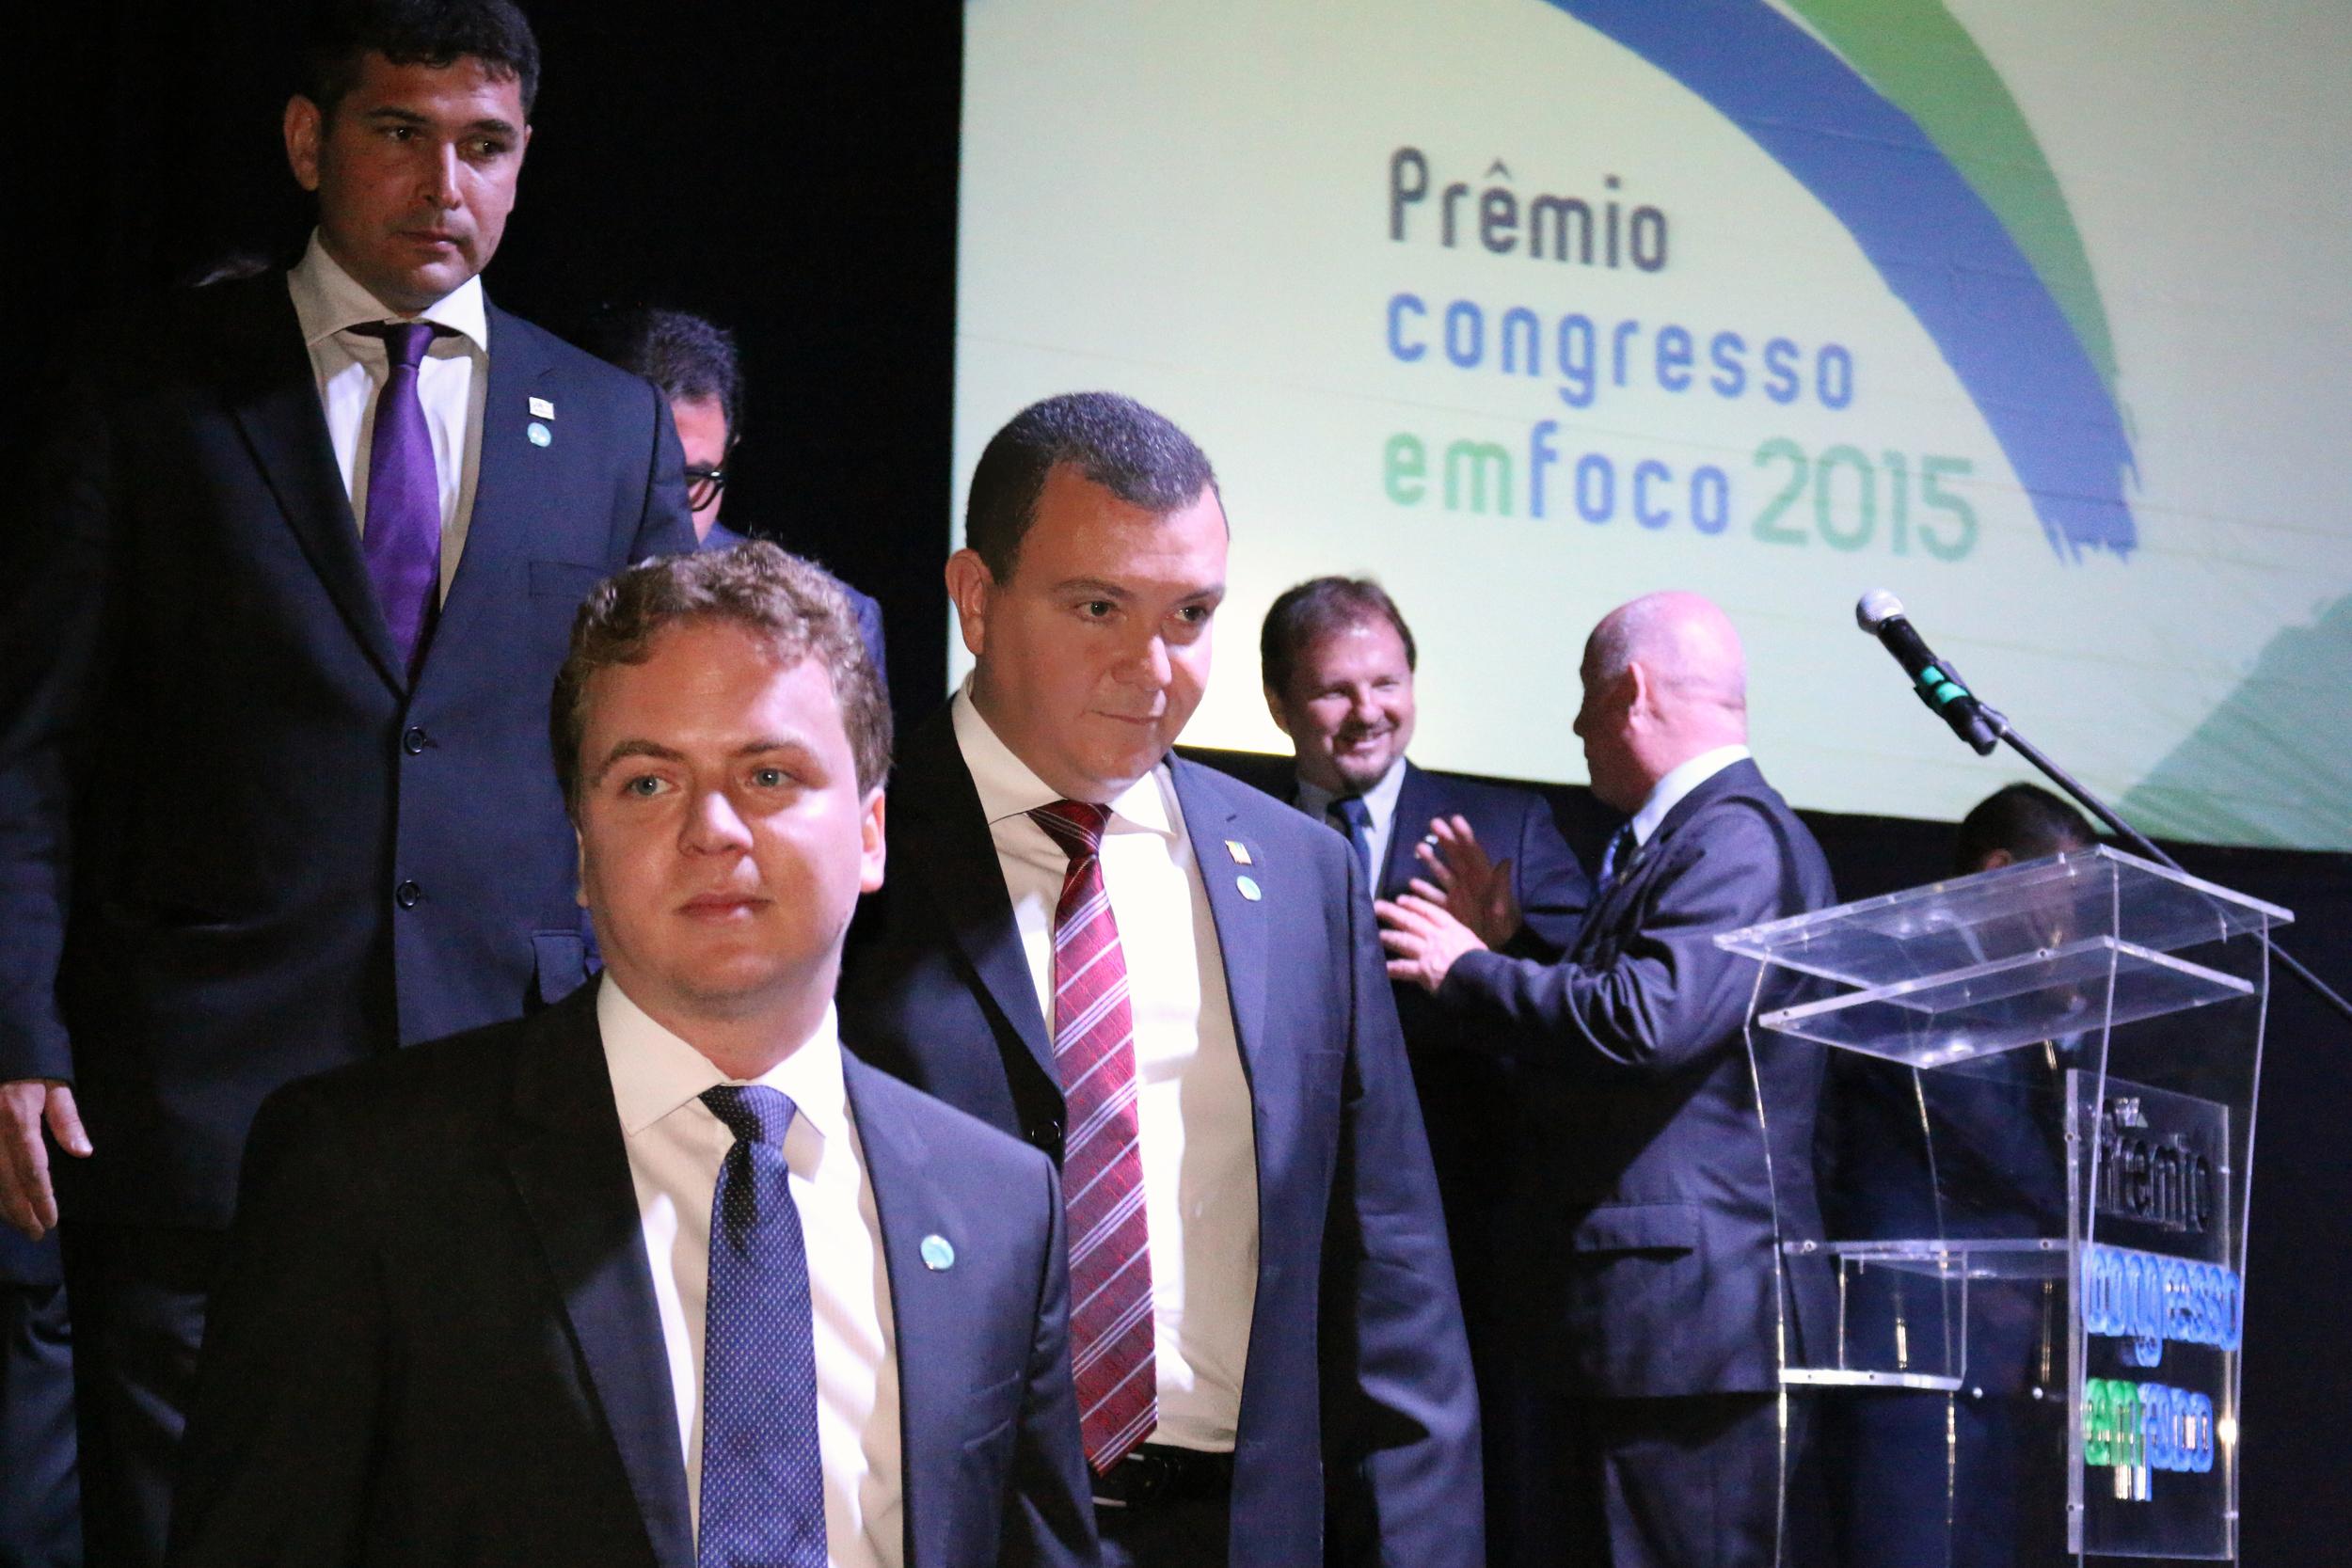 Presidente da ANESP, João Aurélio. Junto com ele, Matheus Silva, representante da AACE e, ao fundo, Márcio Gimene, Presidente da ASSECOR